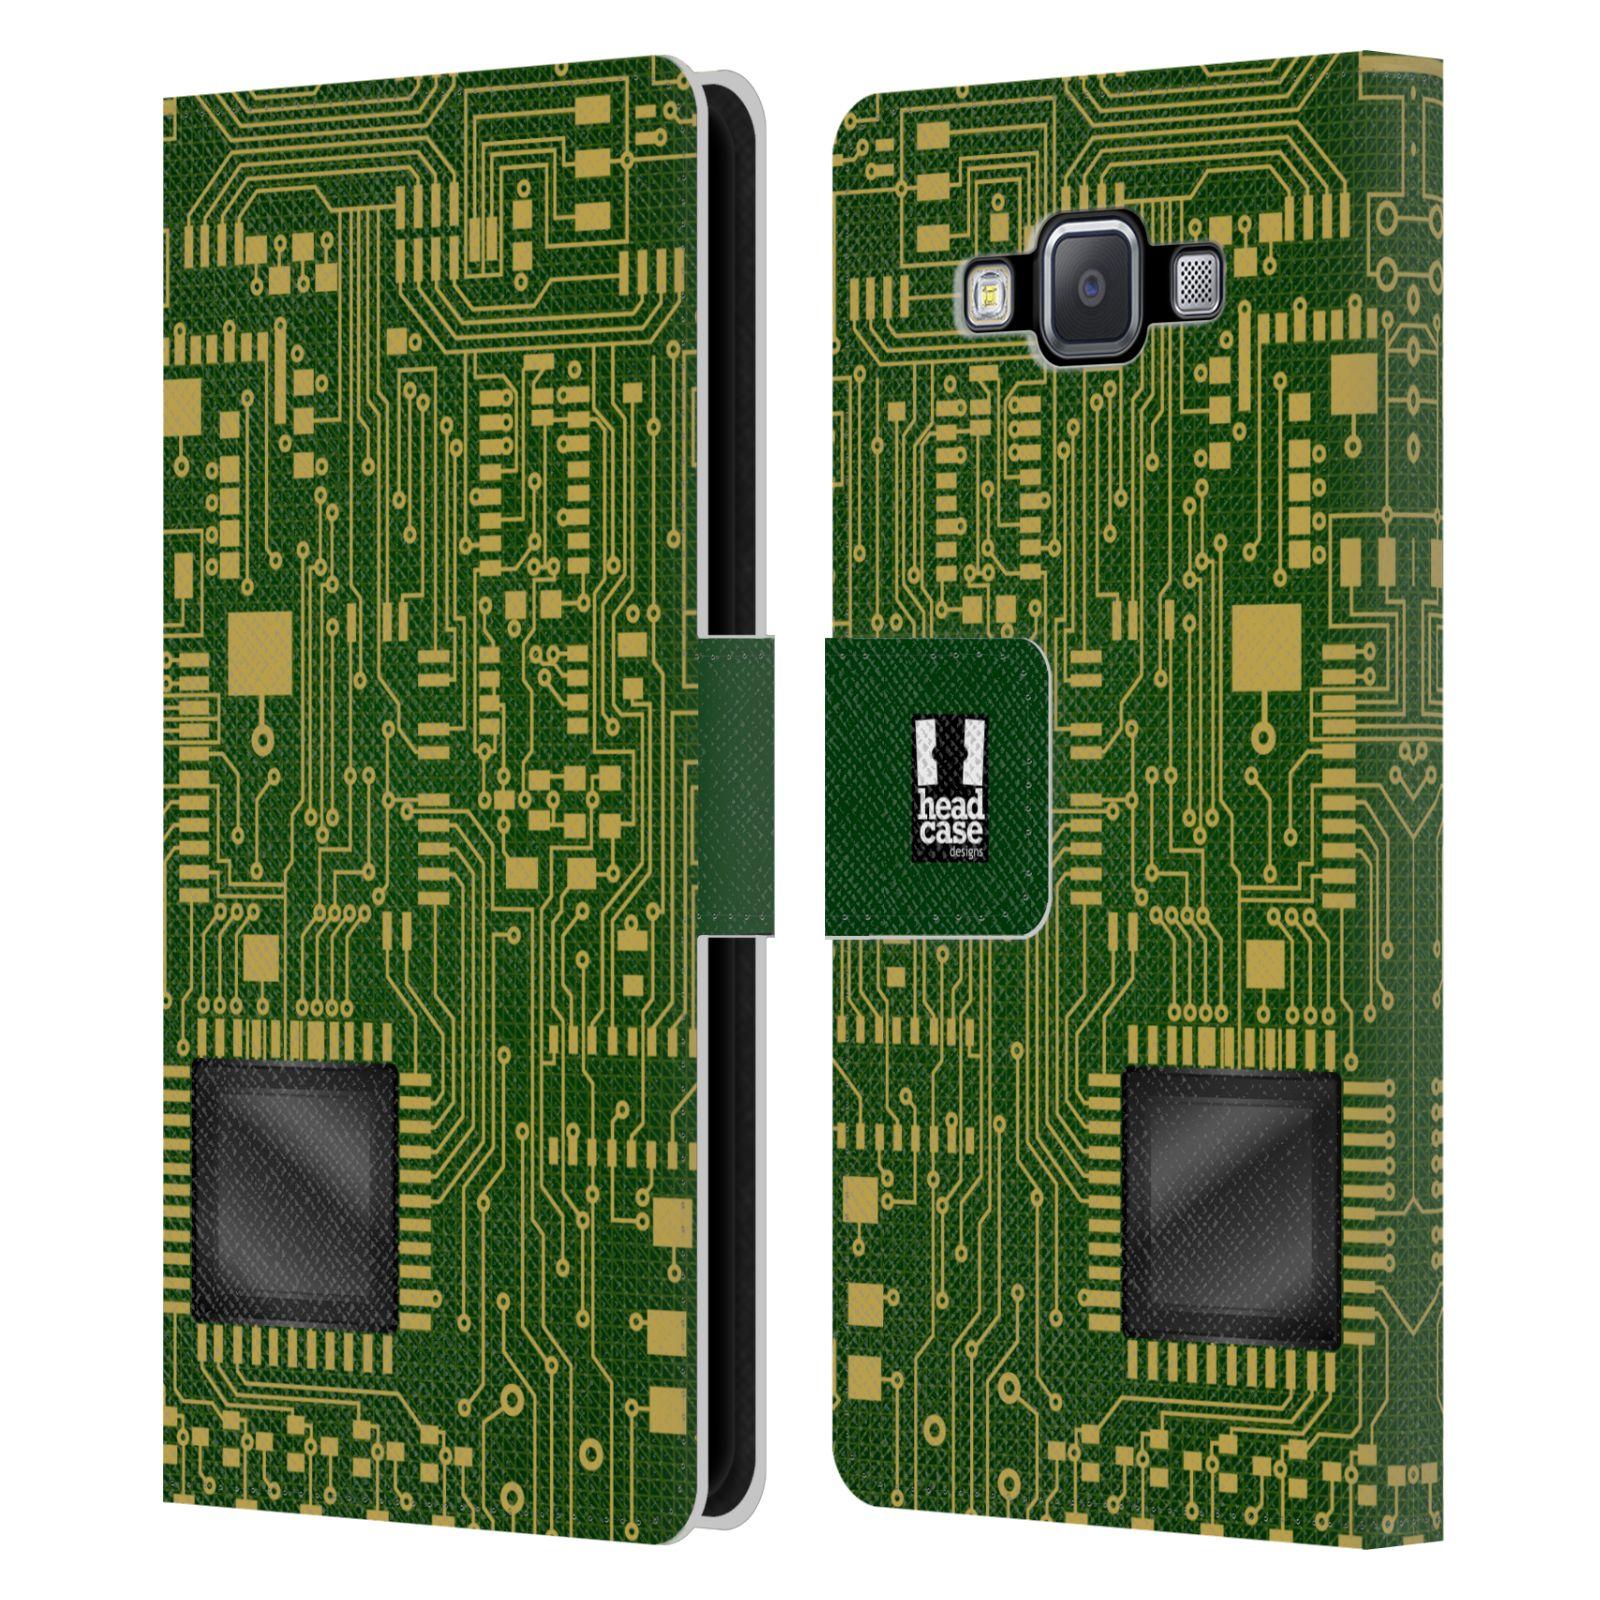 HEAD CASE Flipové pouzdro pro mobil Samsung Galaxy A5 počítač základní deska zelená barva velký čip